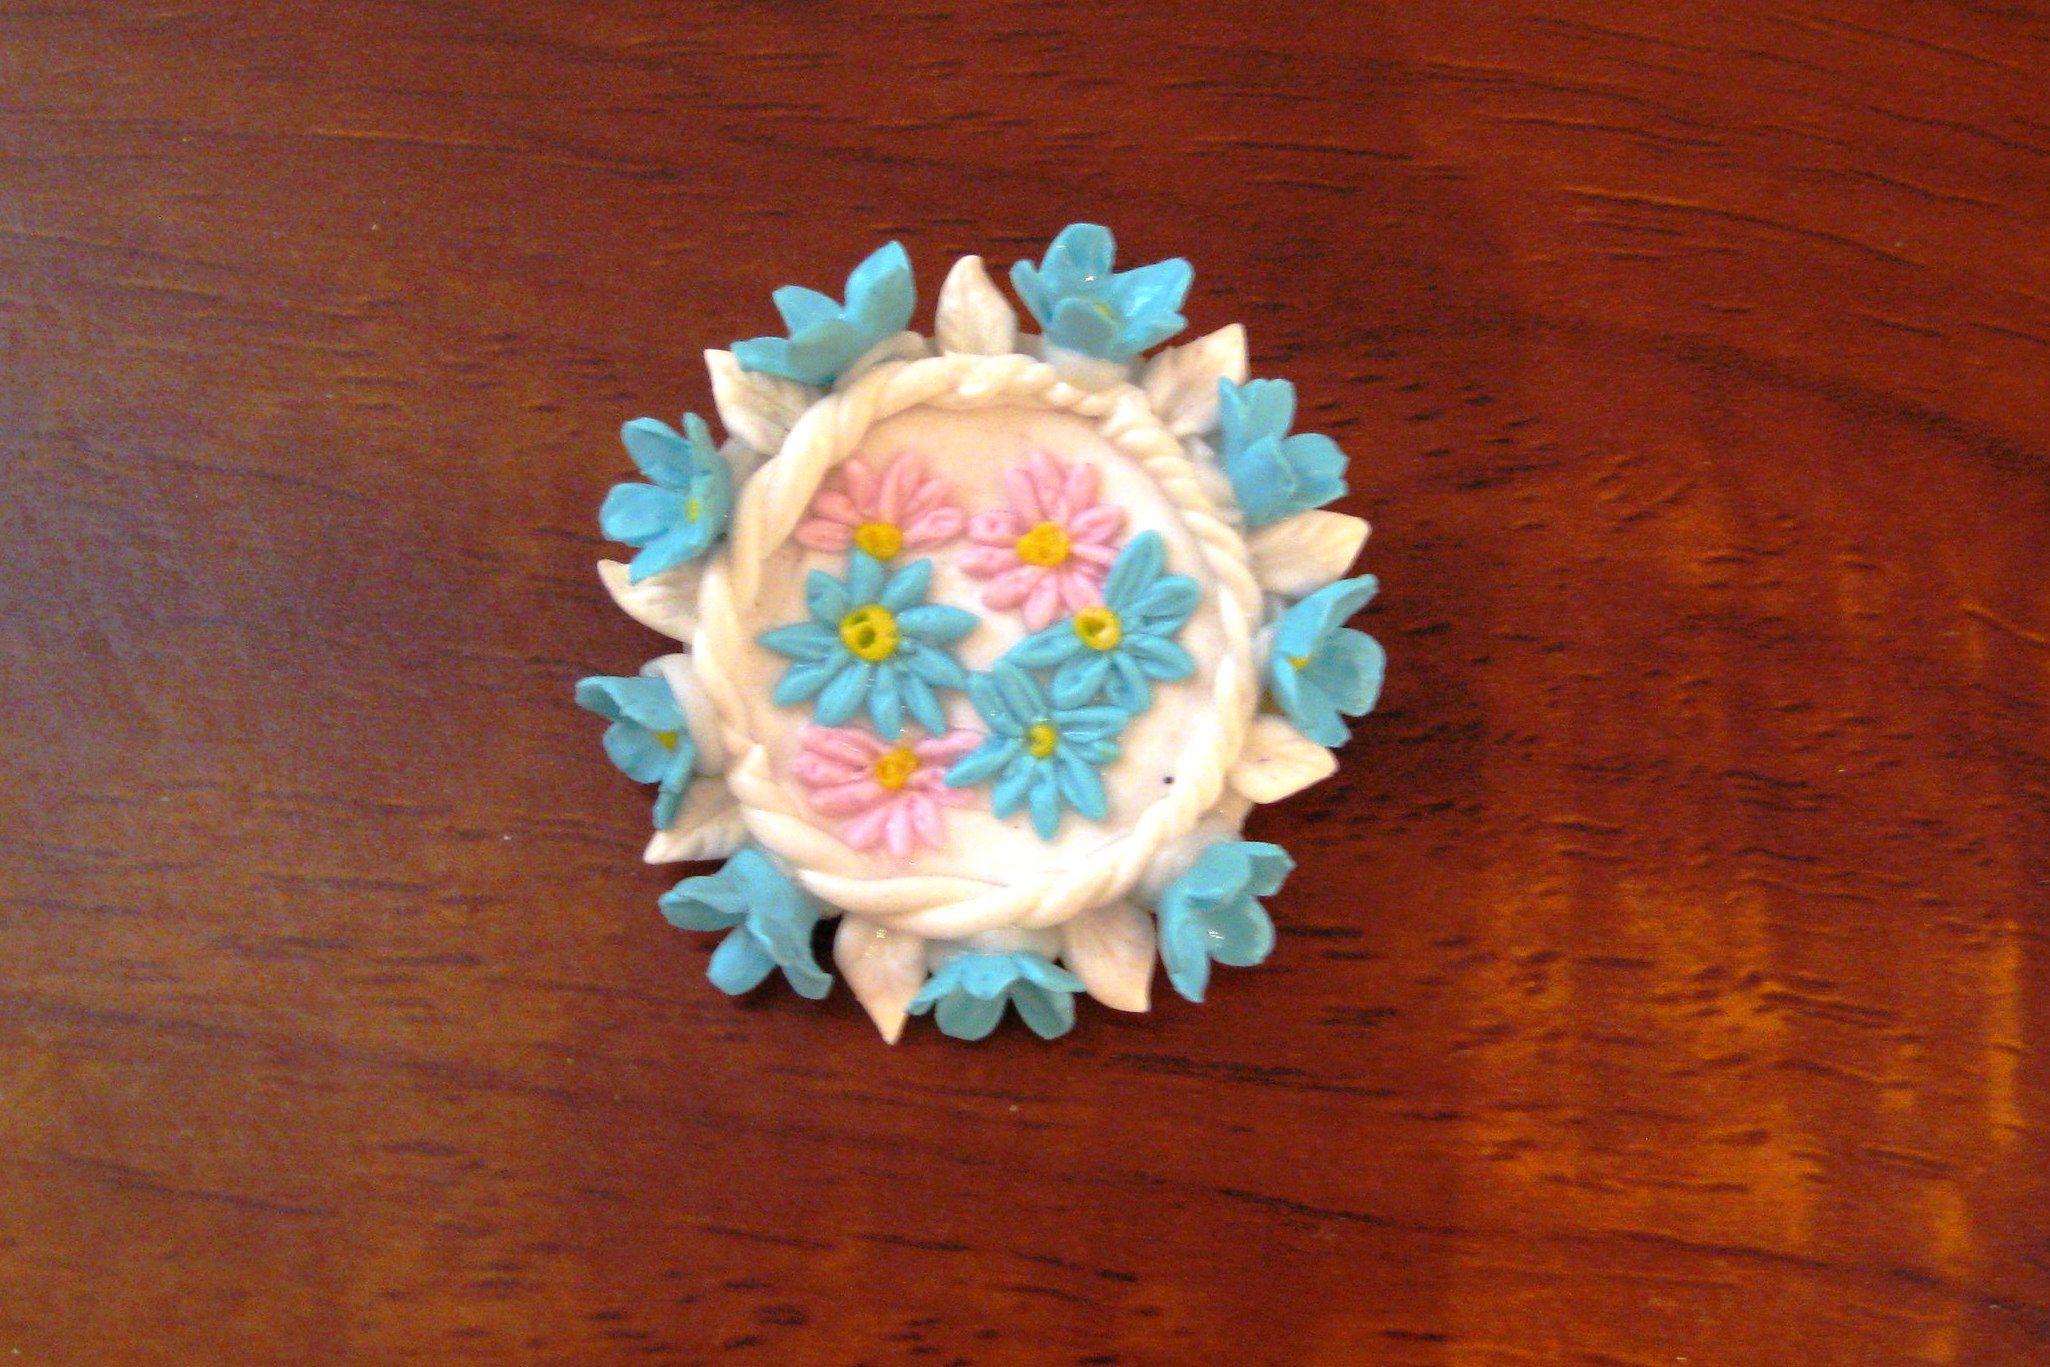 ручнаяработа уникальныйподарок брошь handmade цветы полимернаяглина творчество бижутерия